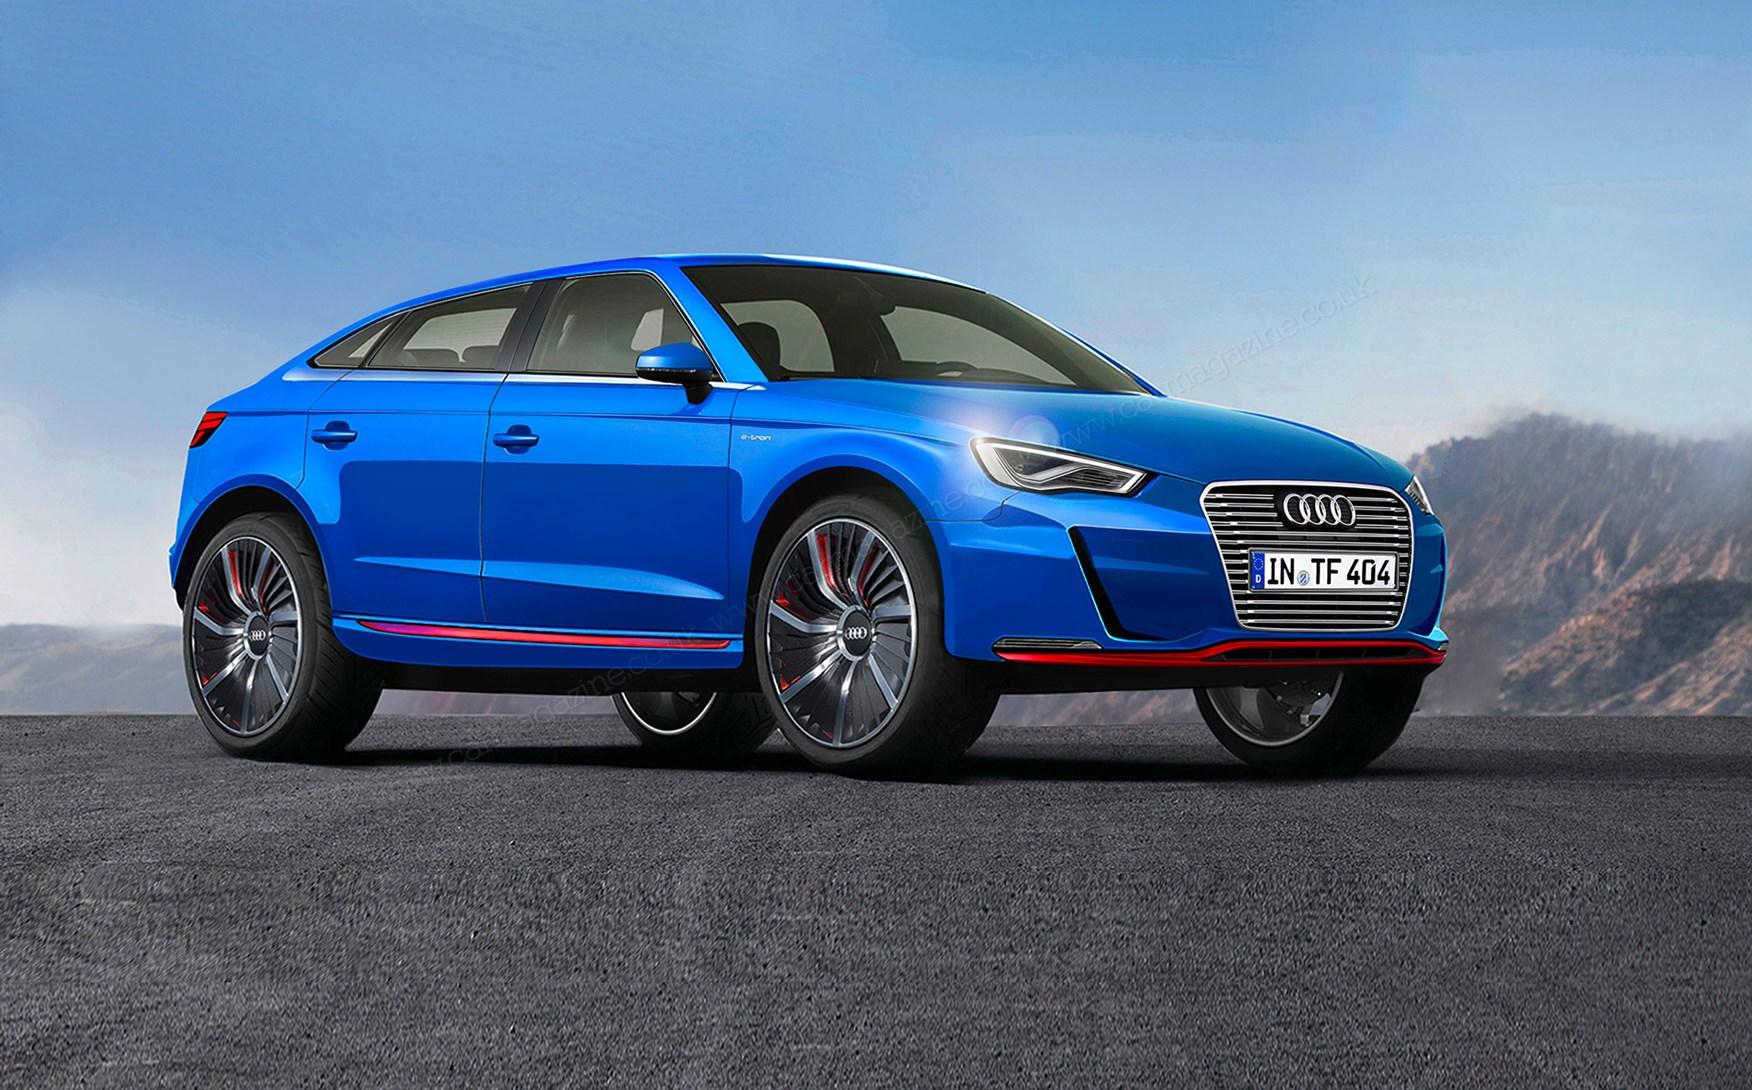 К 2020-ому году компания Ауди презентует три электромобиля